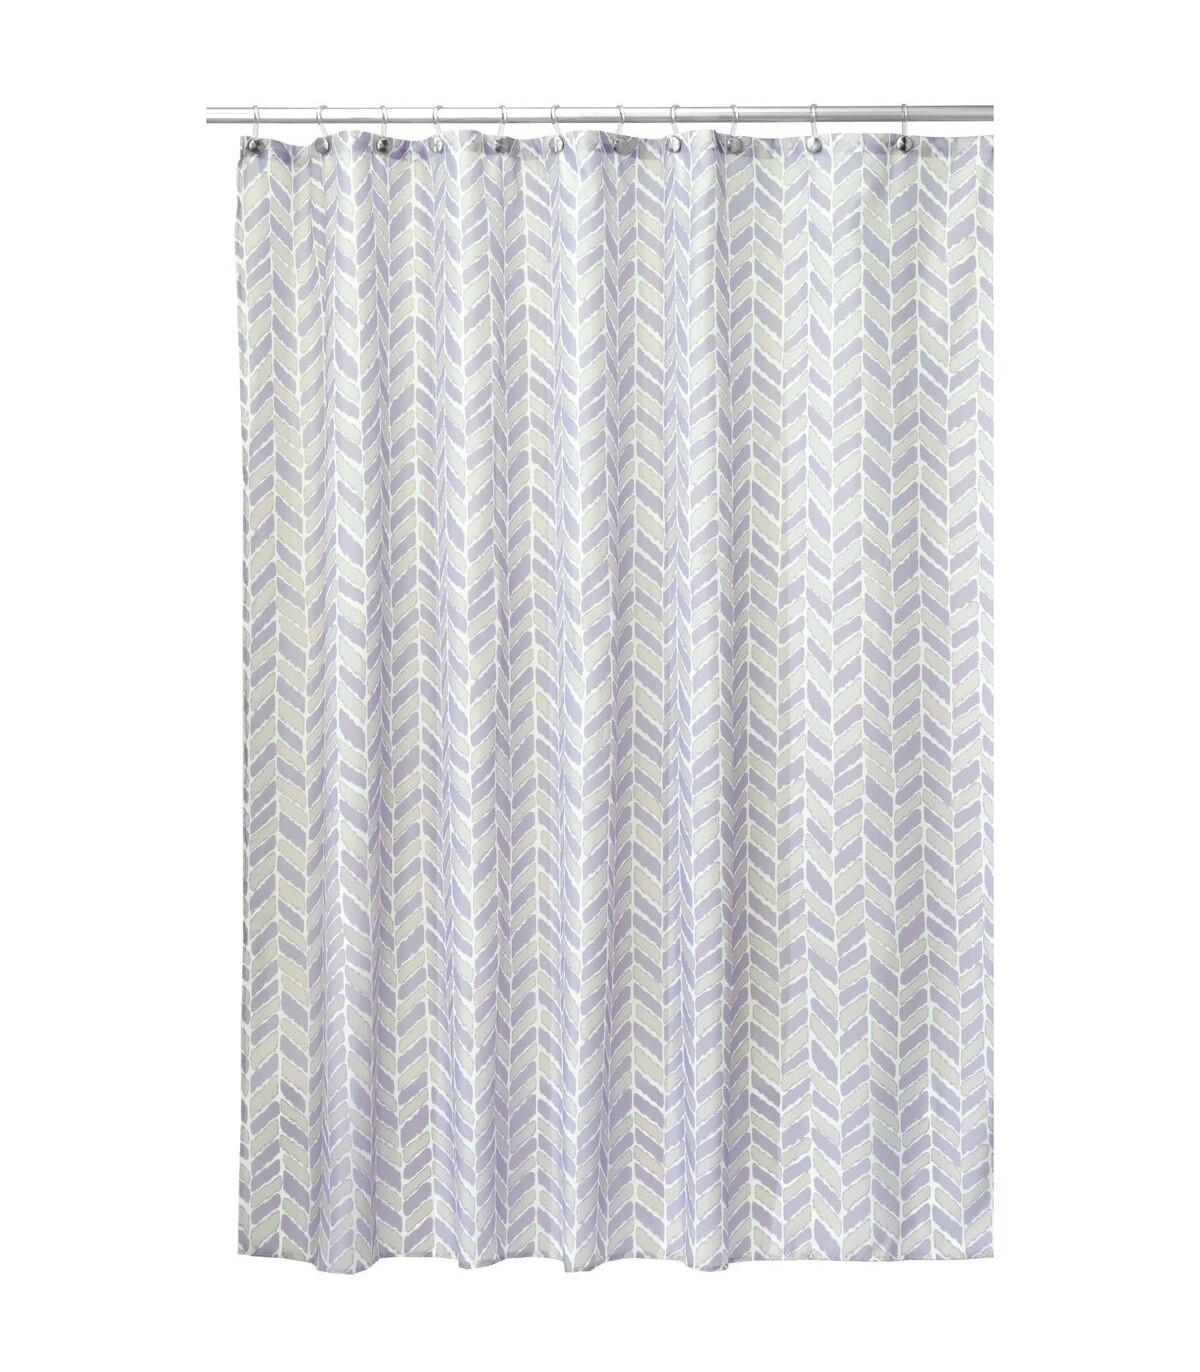 Rideau de douche avec motifs - Taupe et lavande